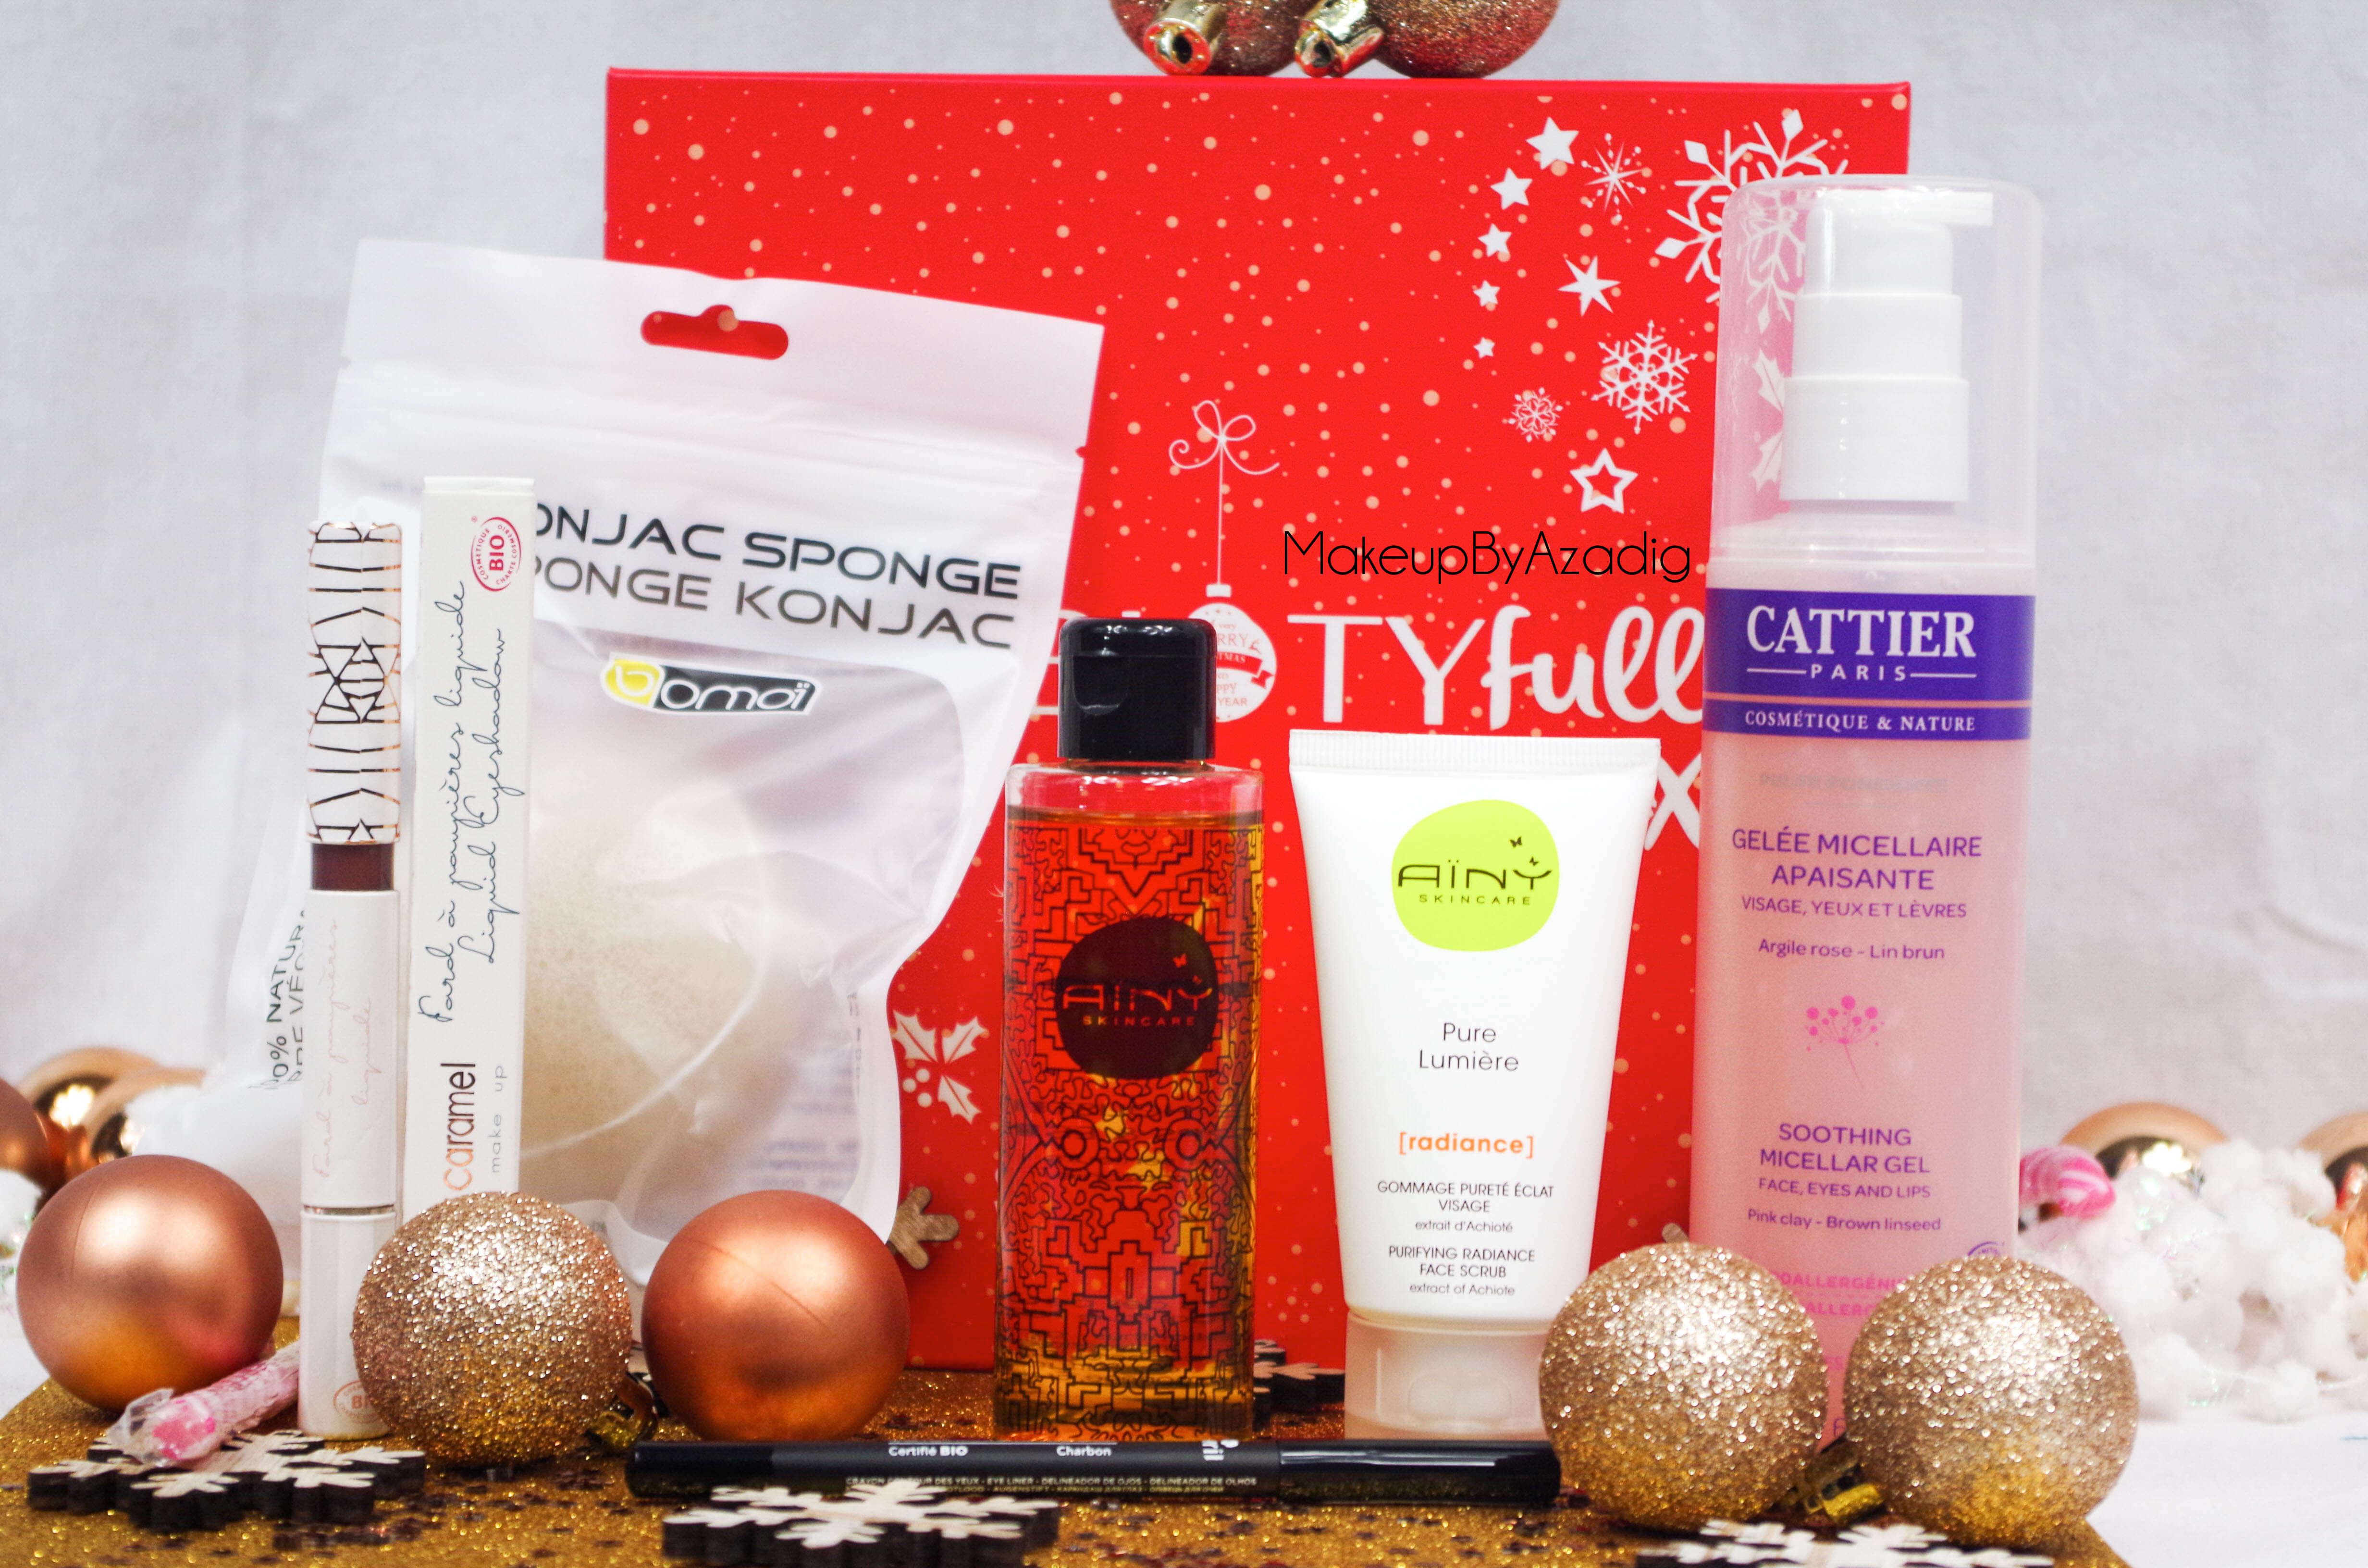 biotyfull-box-beaute-makeupbyazadig-revue-avis-prix-troyes-paris-produits-bio-ensemble